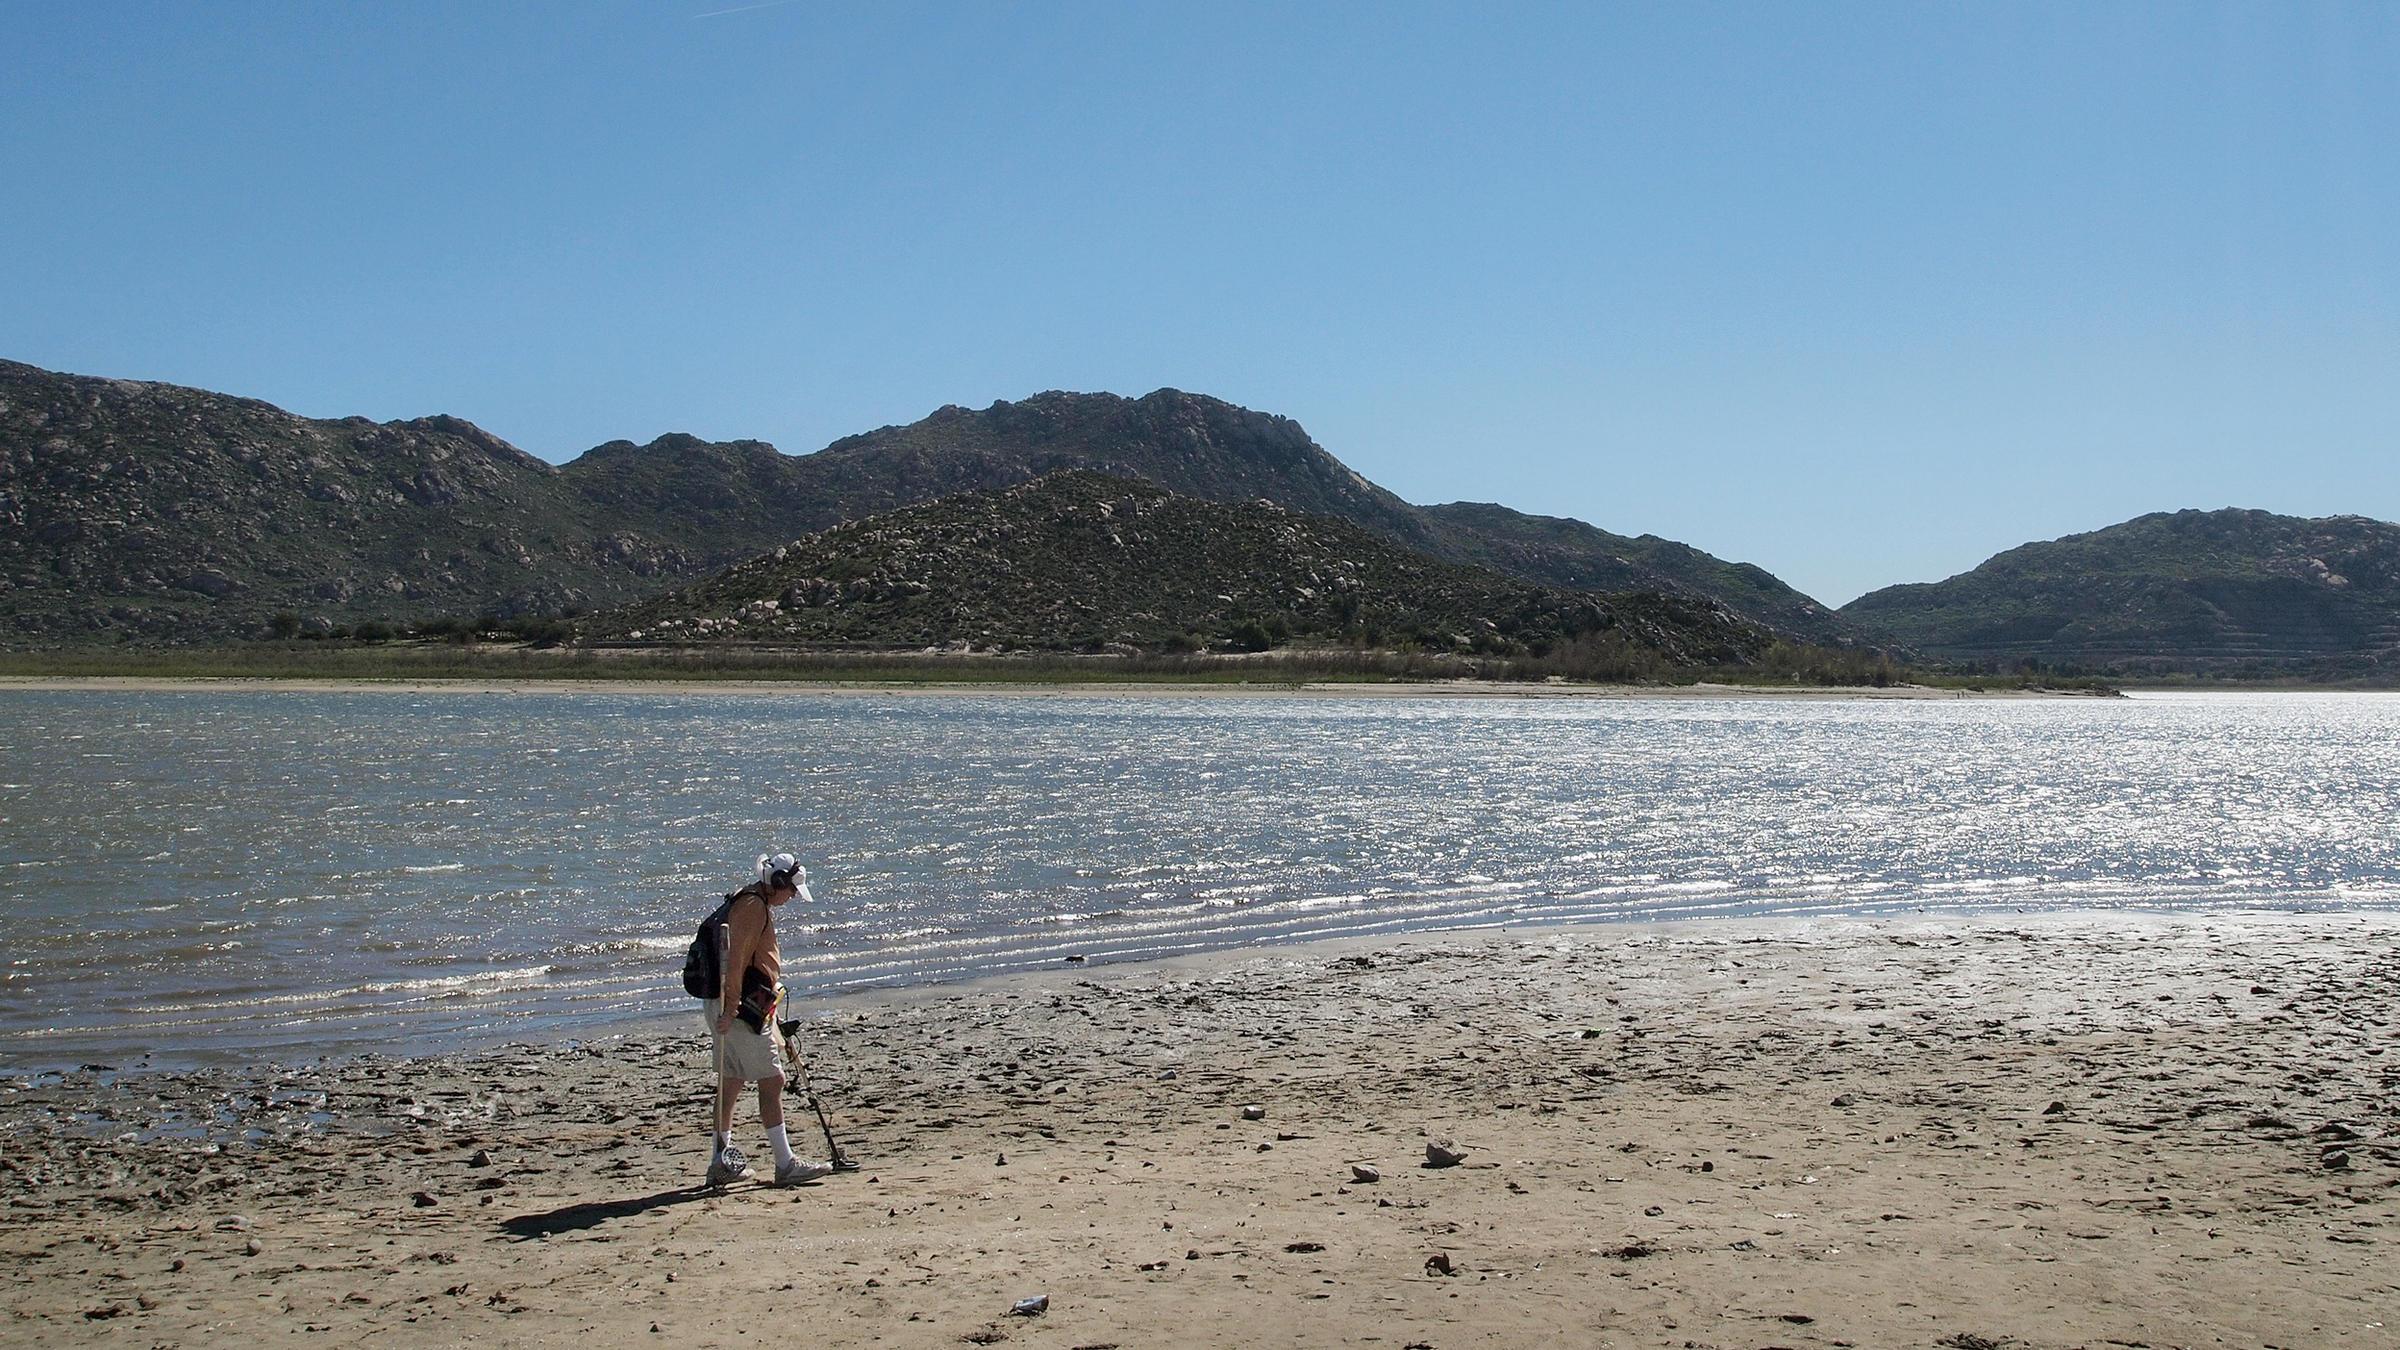 California 39 s drought exposes long hidden detritus kuow for Lake perris fishing report